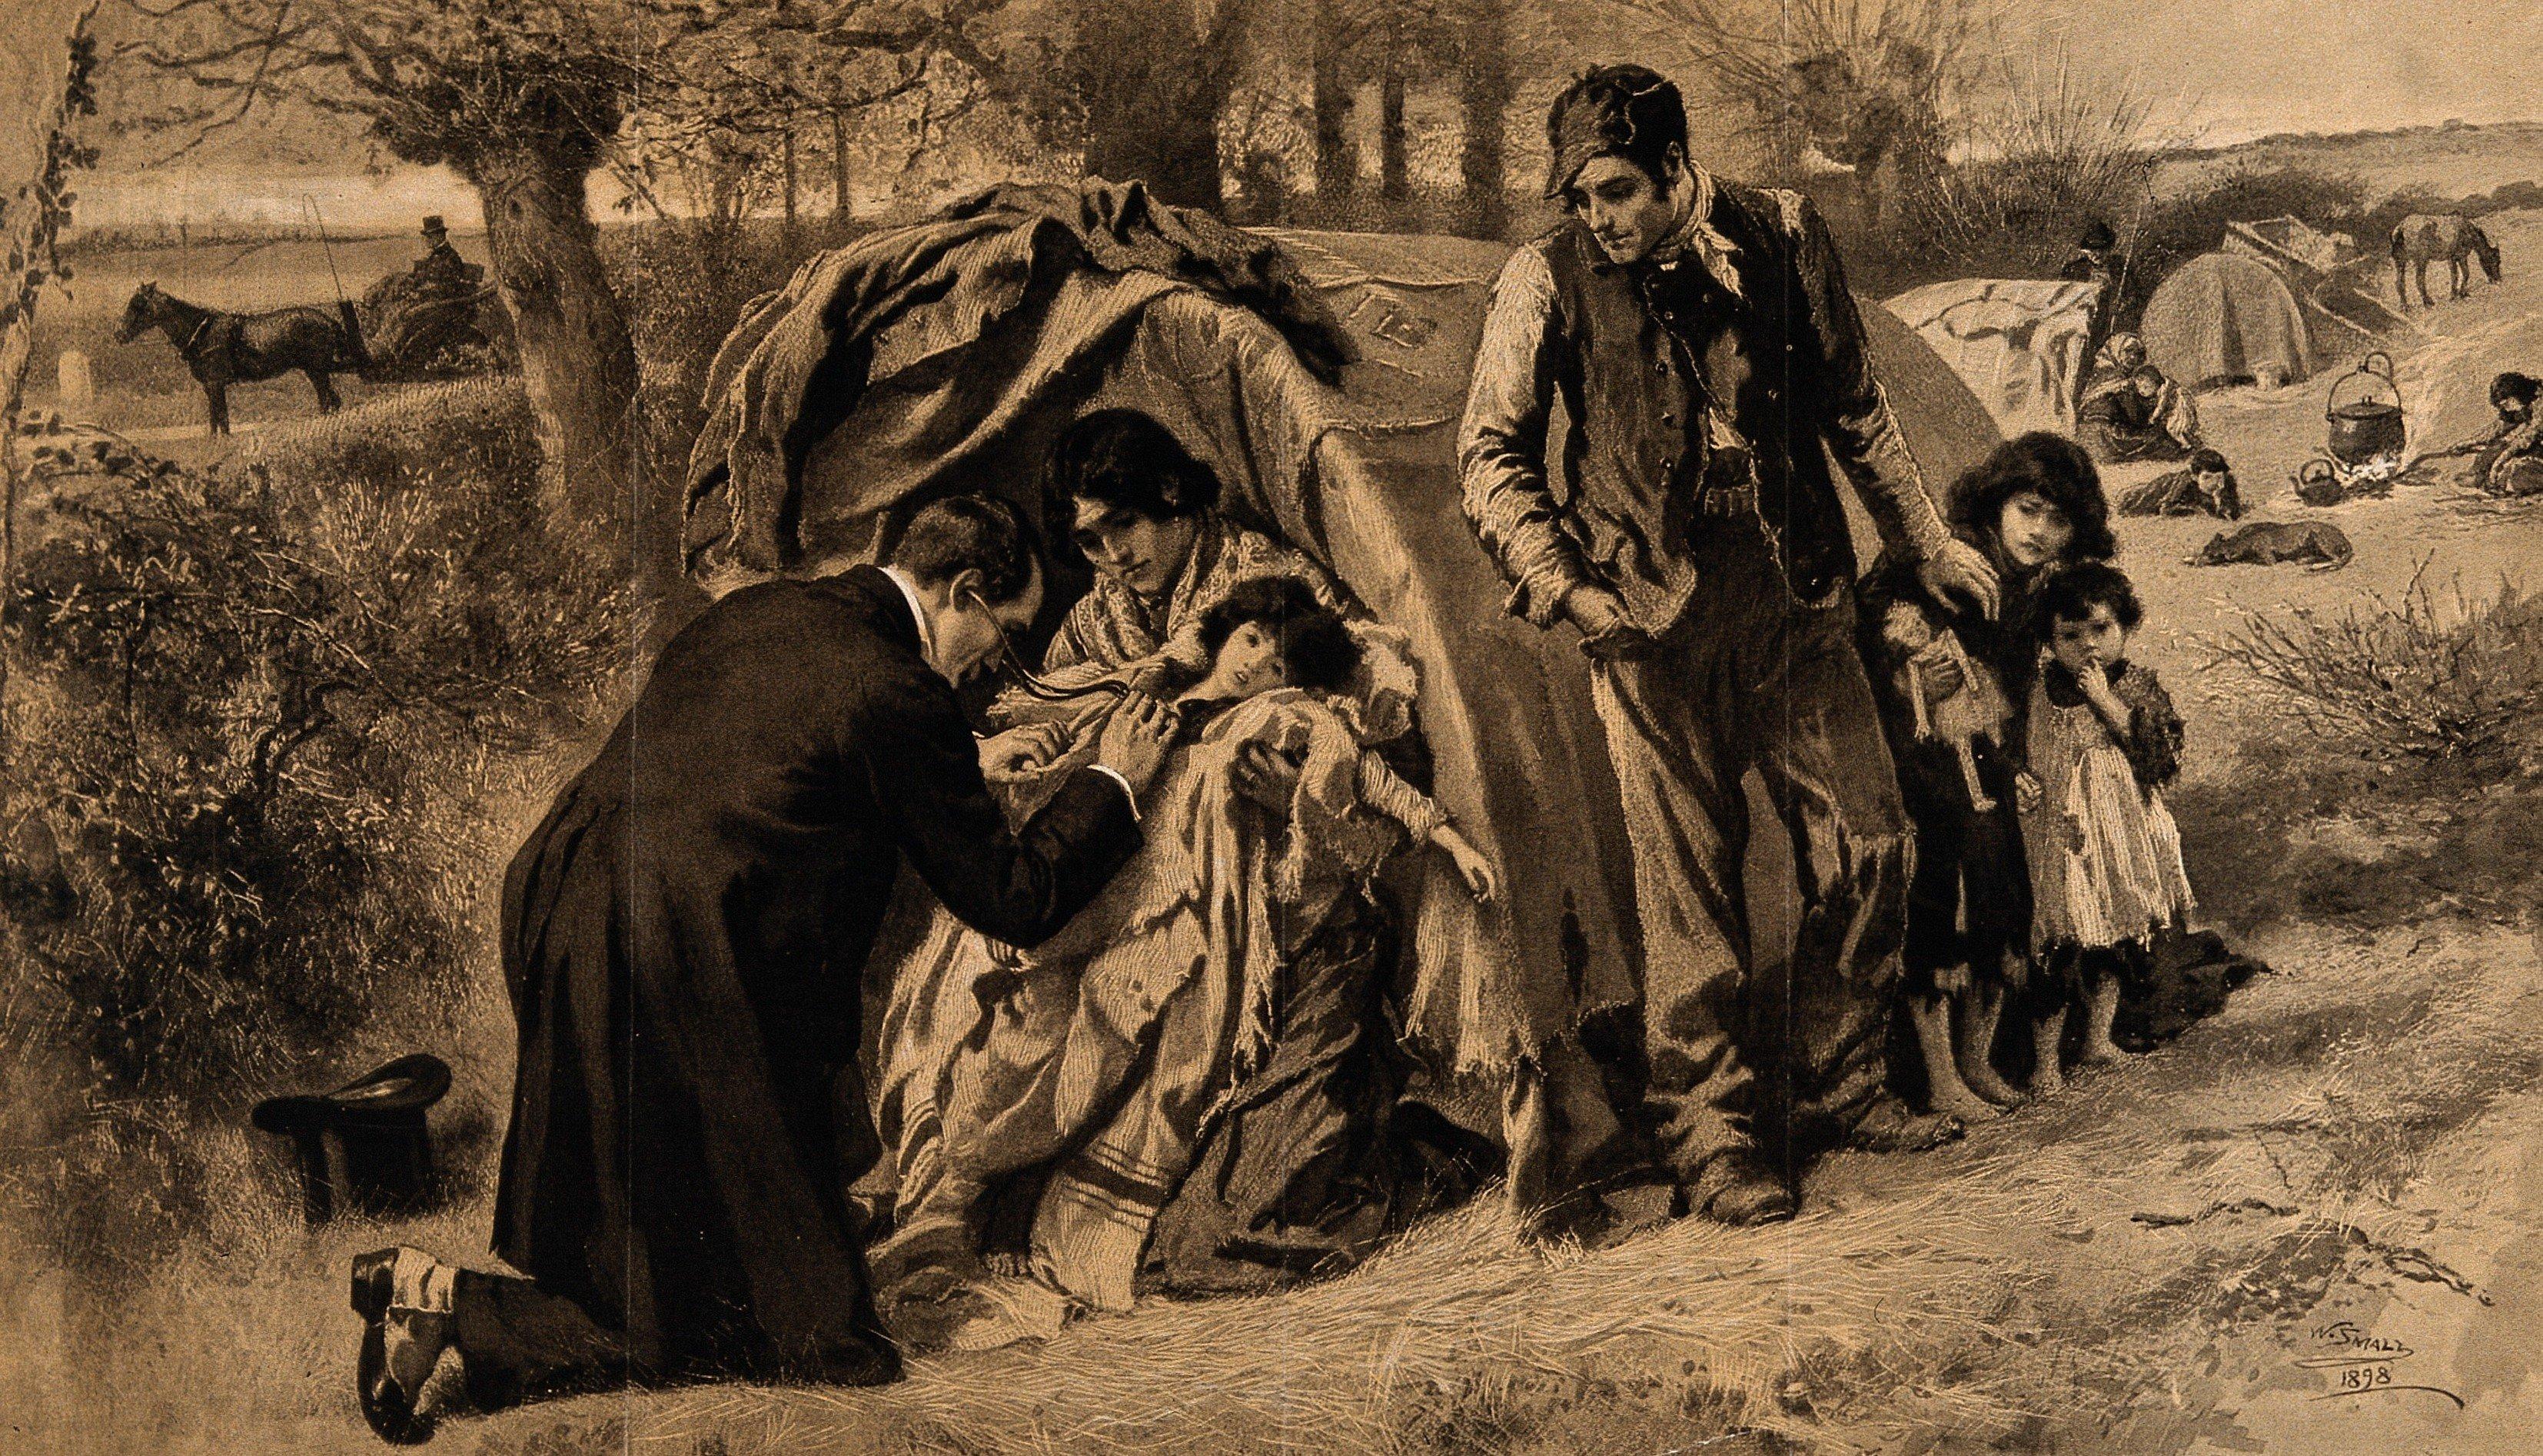 8 квітня — Міжнародний день циган. Етнічна група рома́ — одна із західних гілок циган — фото 1